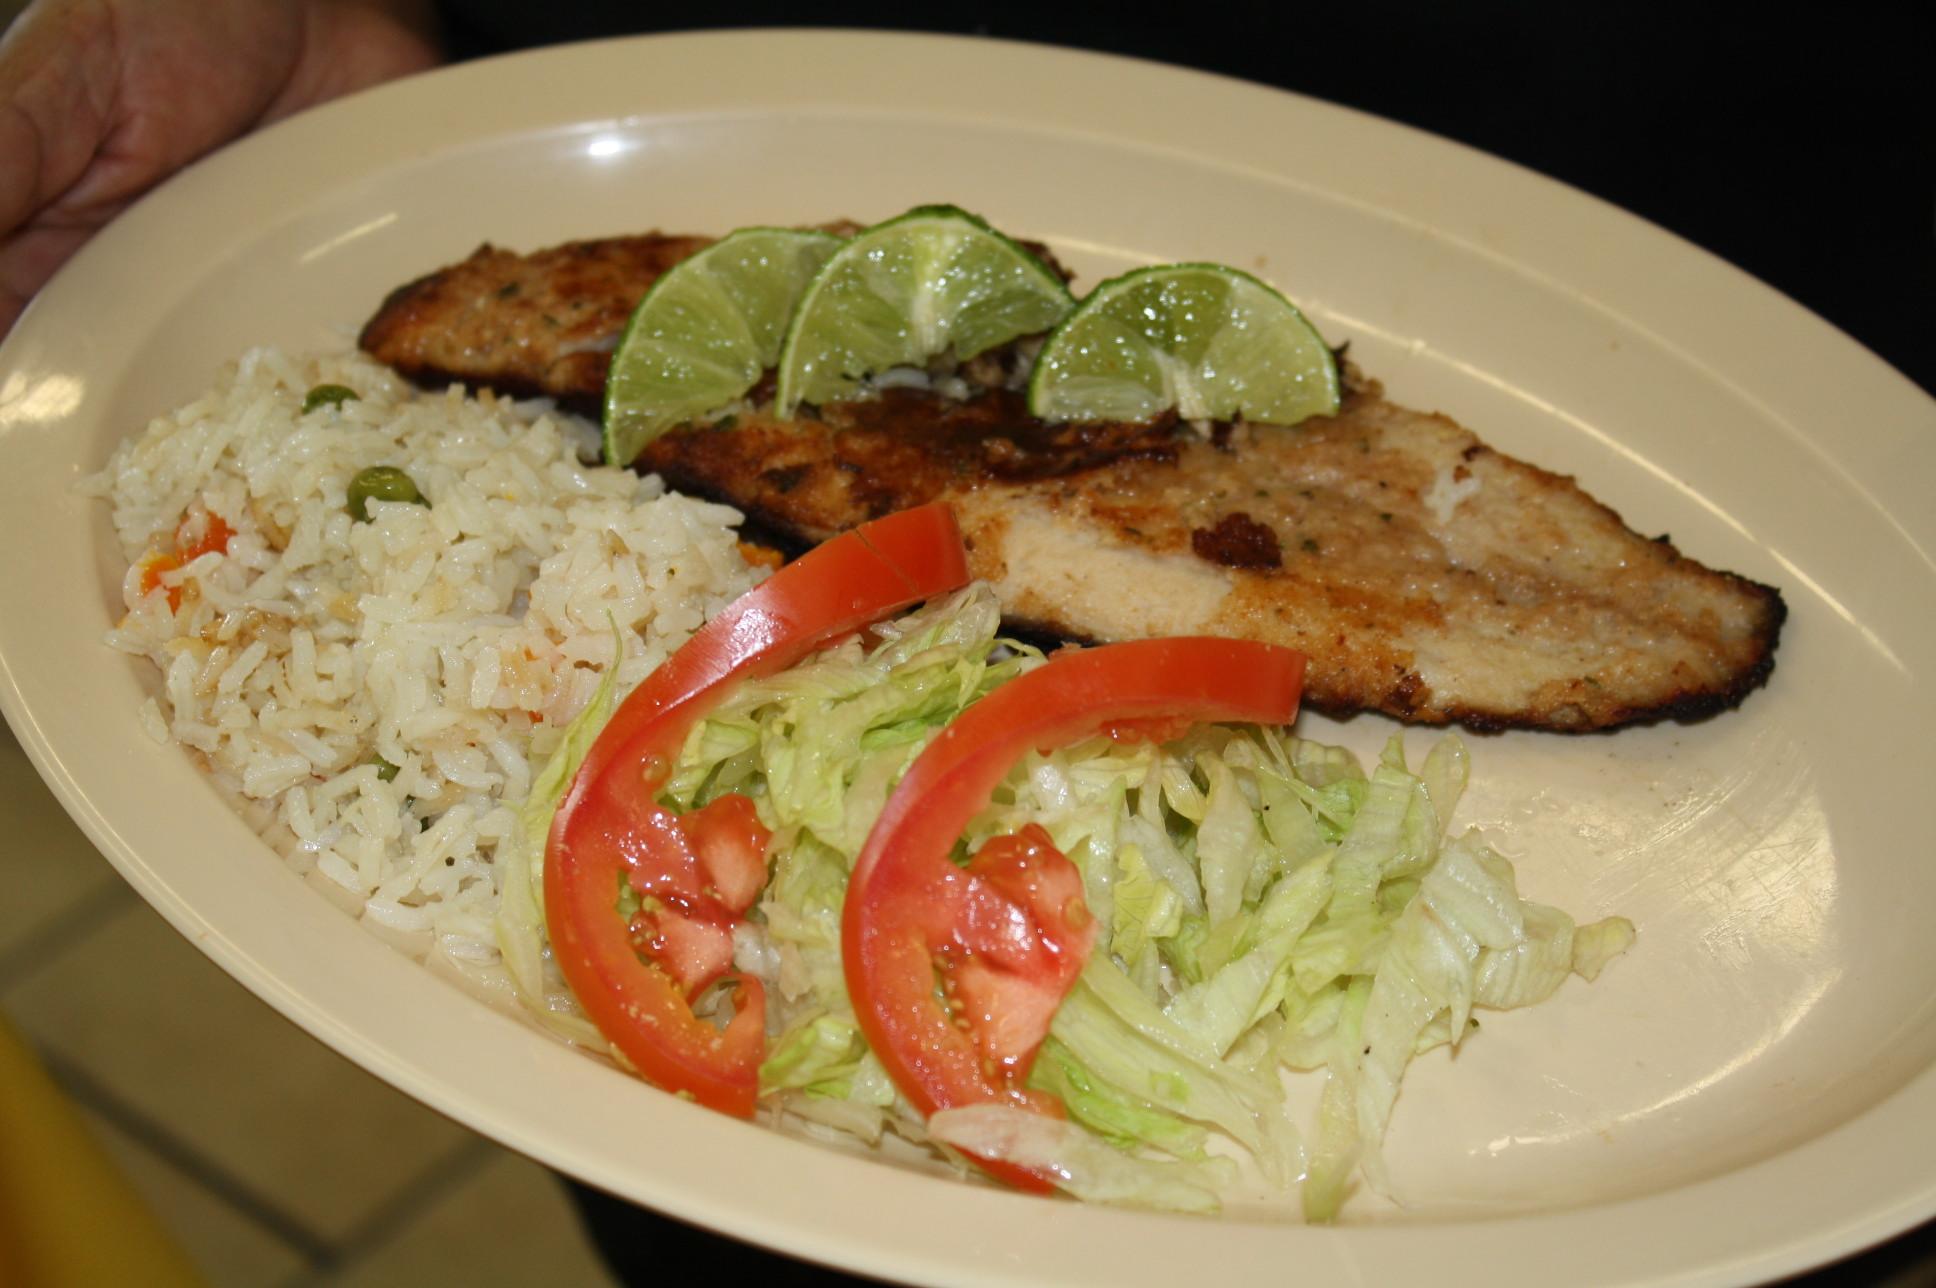 filete de pescado con arroz wwwpixsharkcom images